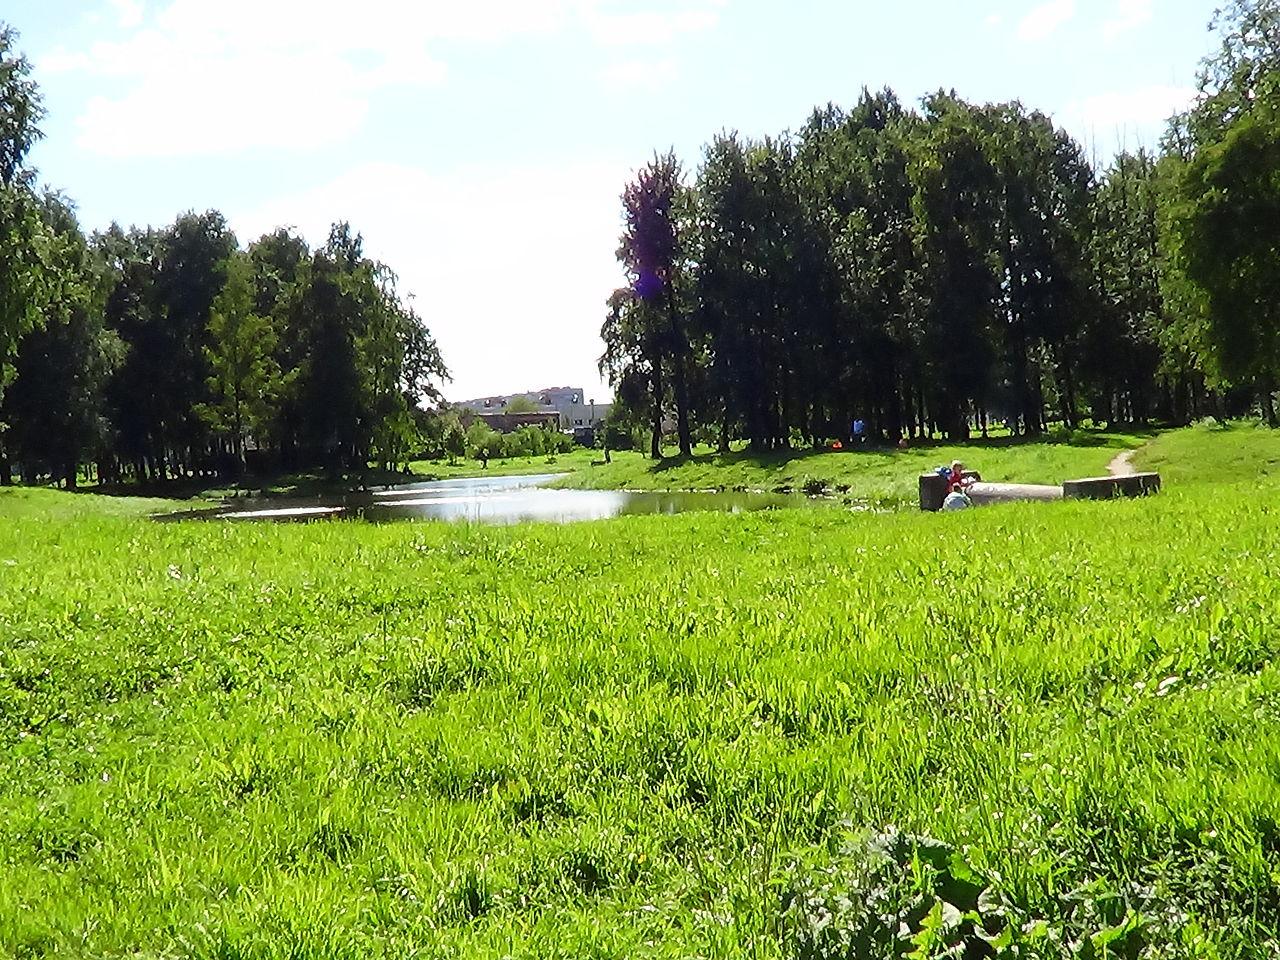 Товарищеский проспект, Парк имени Есенина. Автор фото: Peterburg23 (Wikimedia Commons)